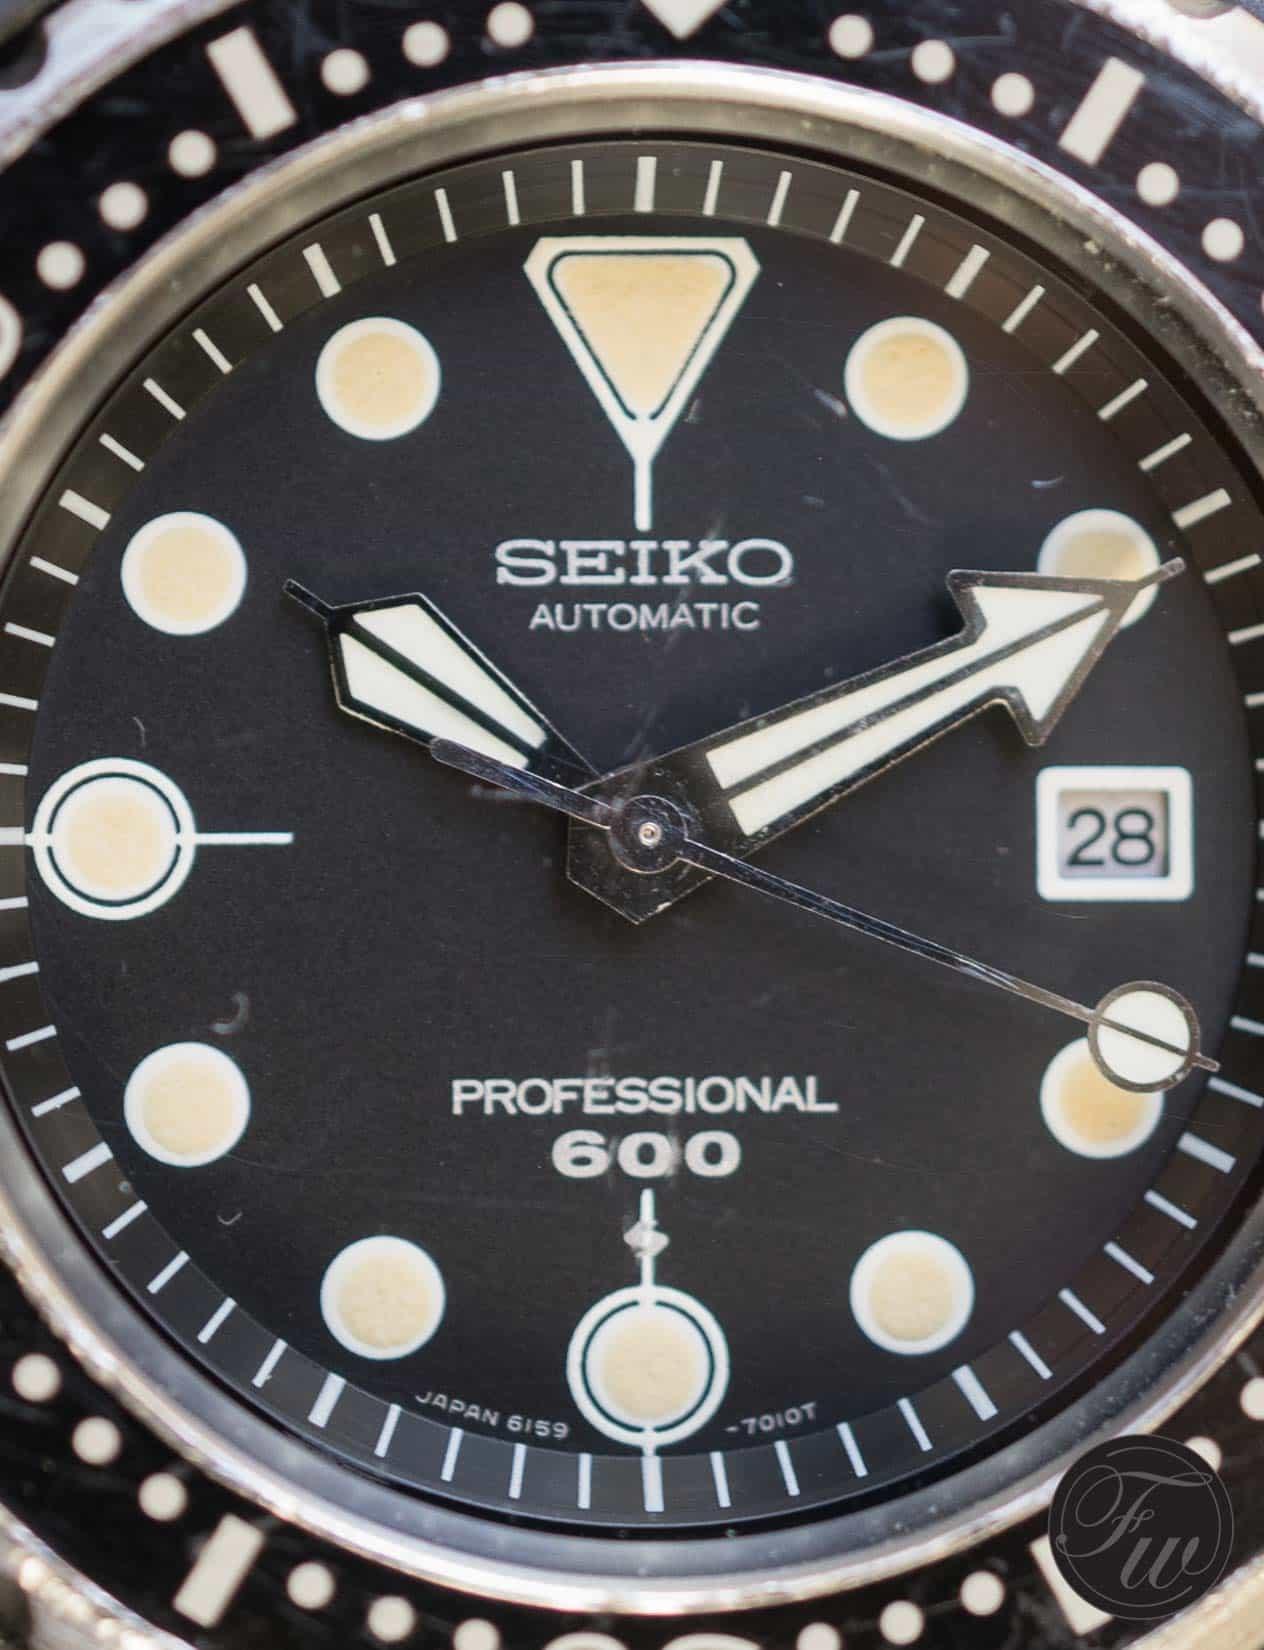 Seiko 6159-7010